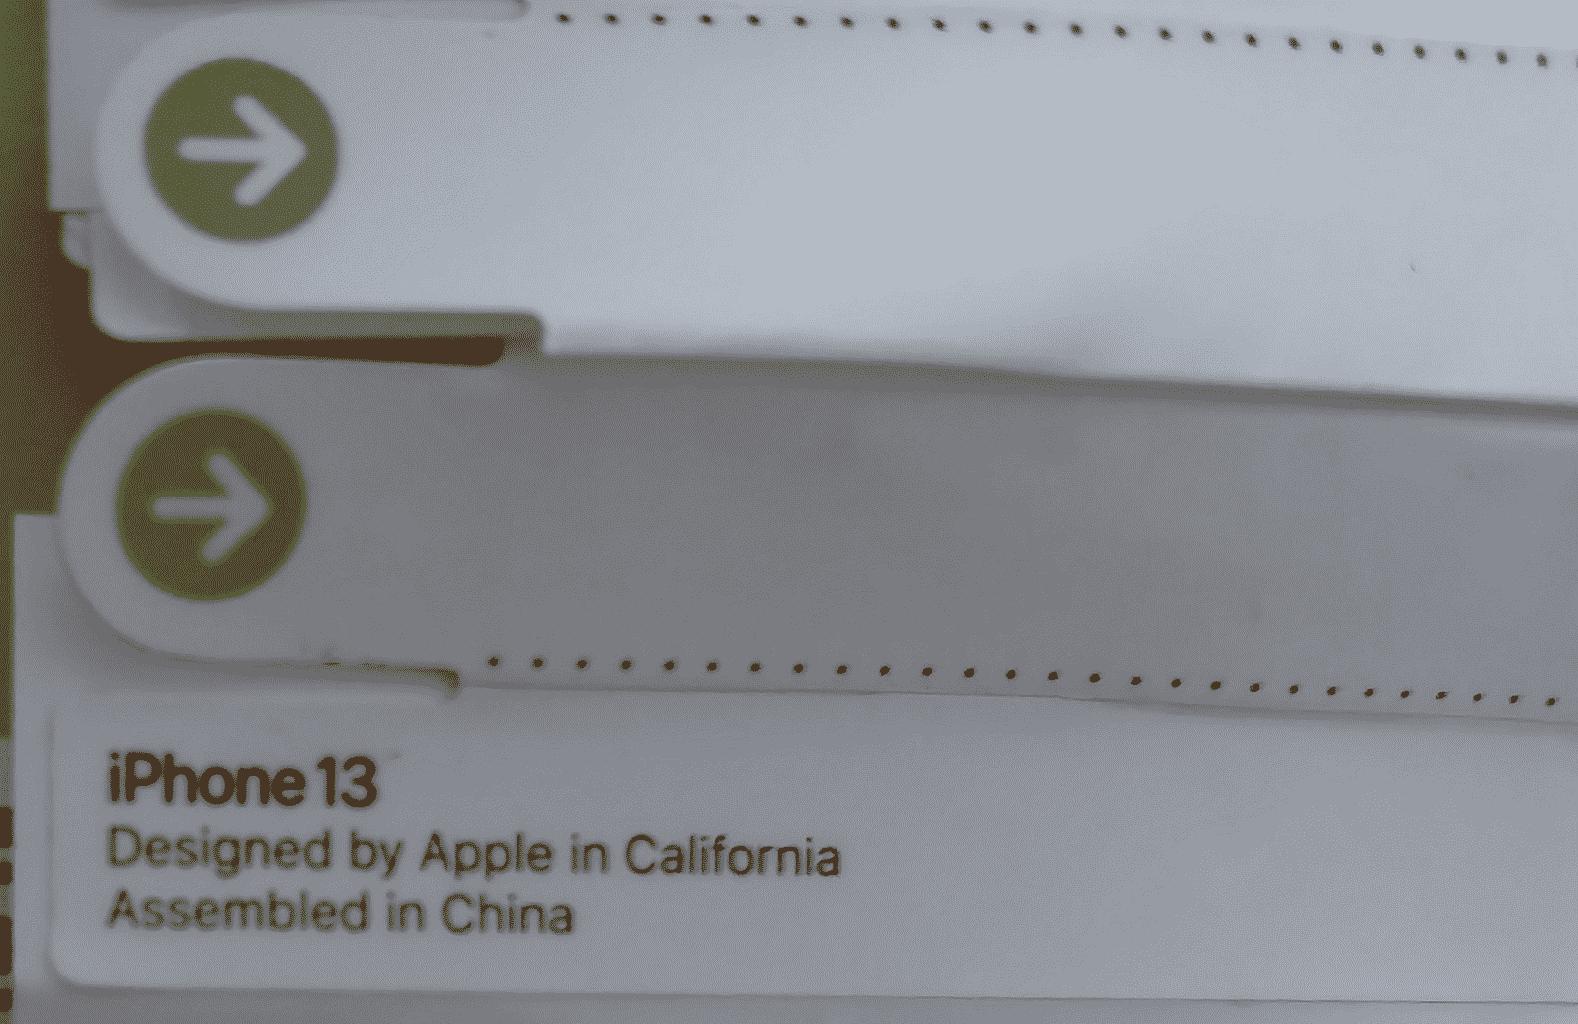 iPhone 13 Packaging